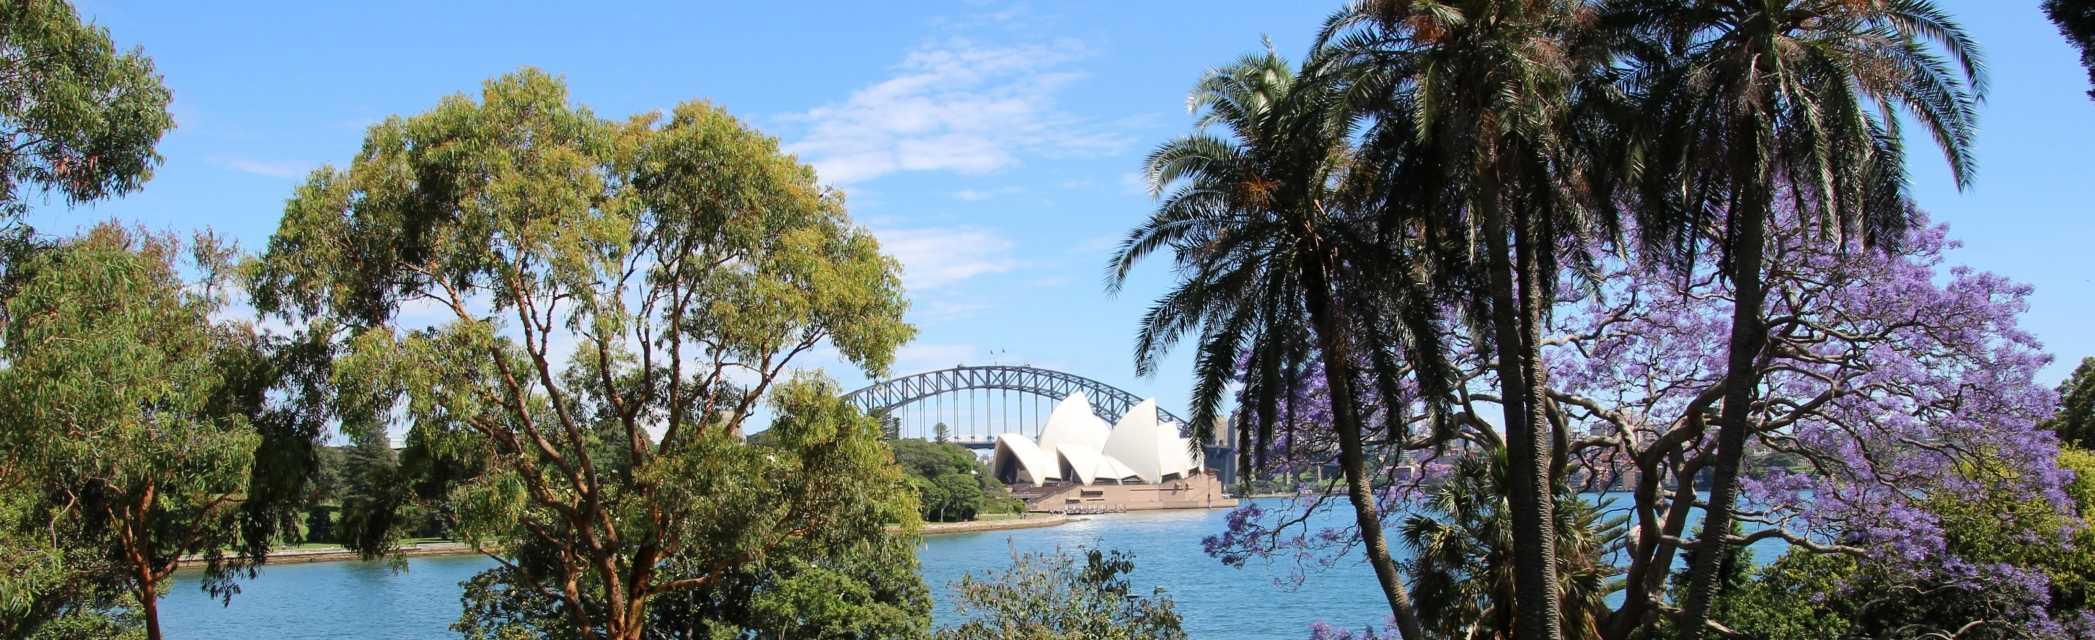 sonnenklar tv reiseb ro australien der s dosten mit melbourne tasmanien sydney. Black Bedroom Furniture Sets. Home Design Ideas